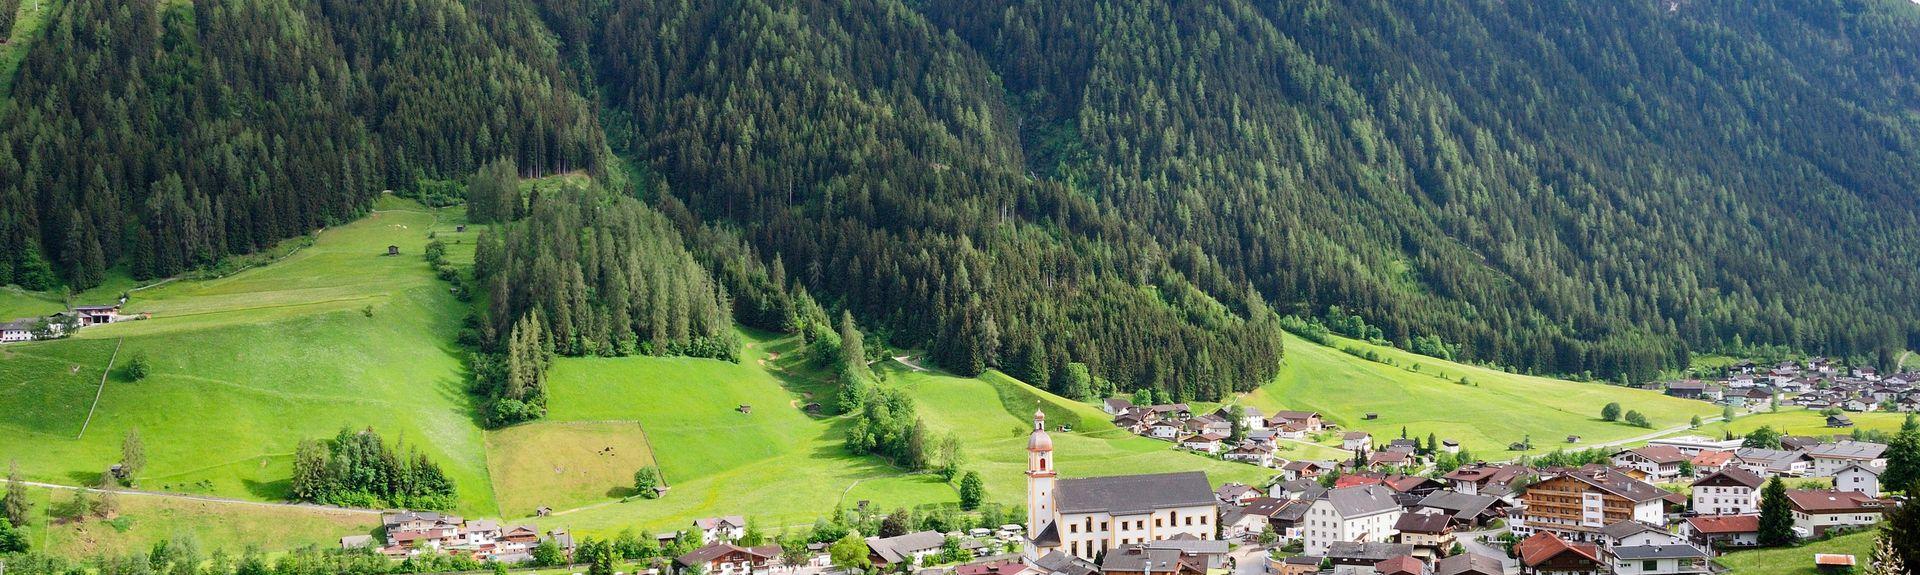 Stubaital, Tirol, Østerrike